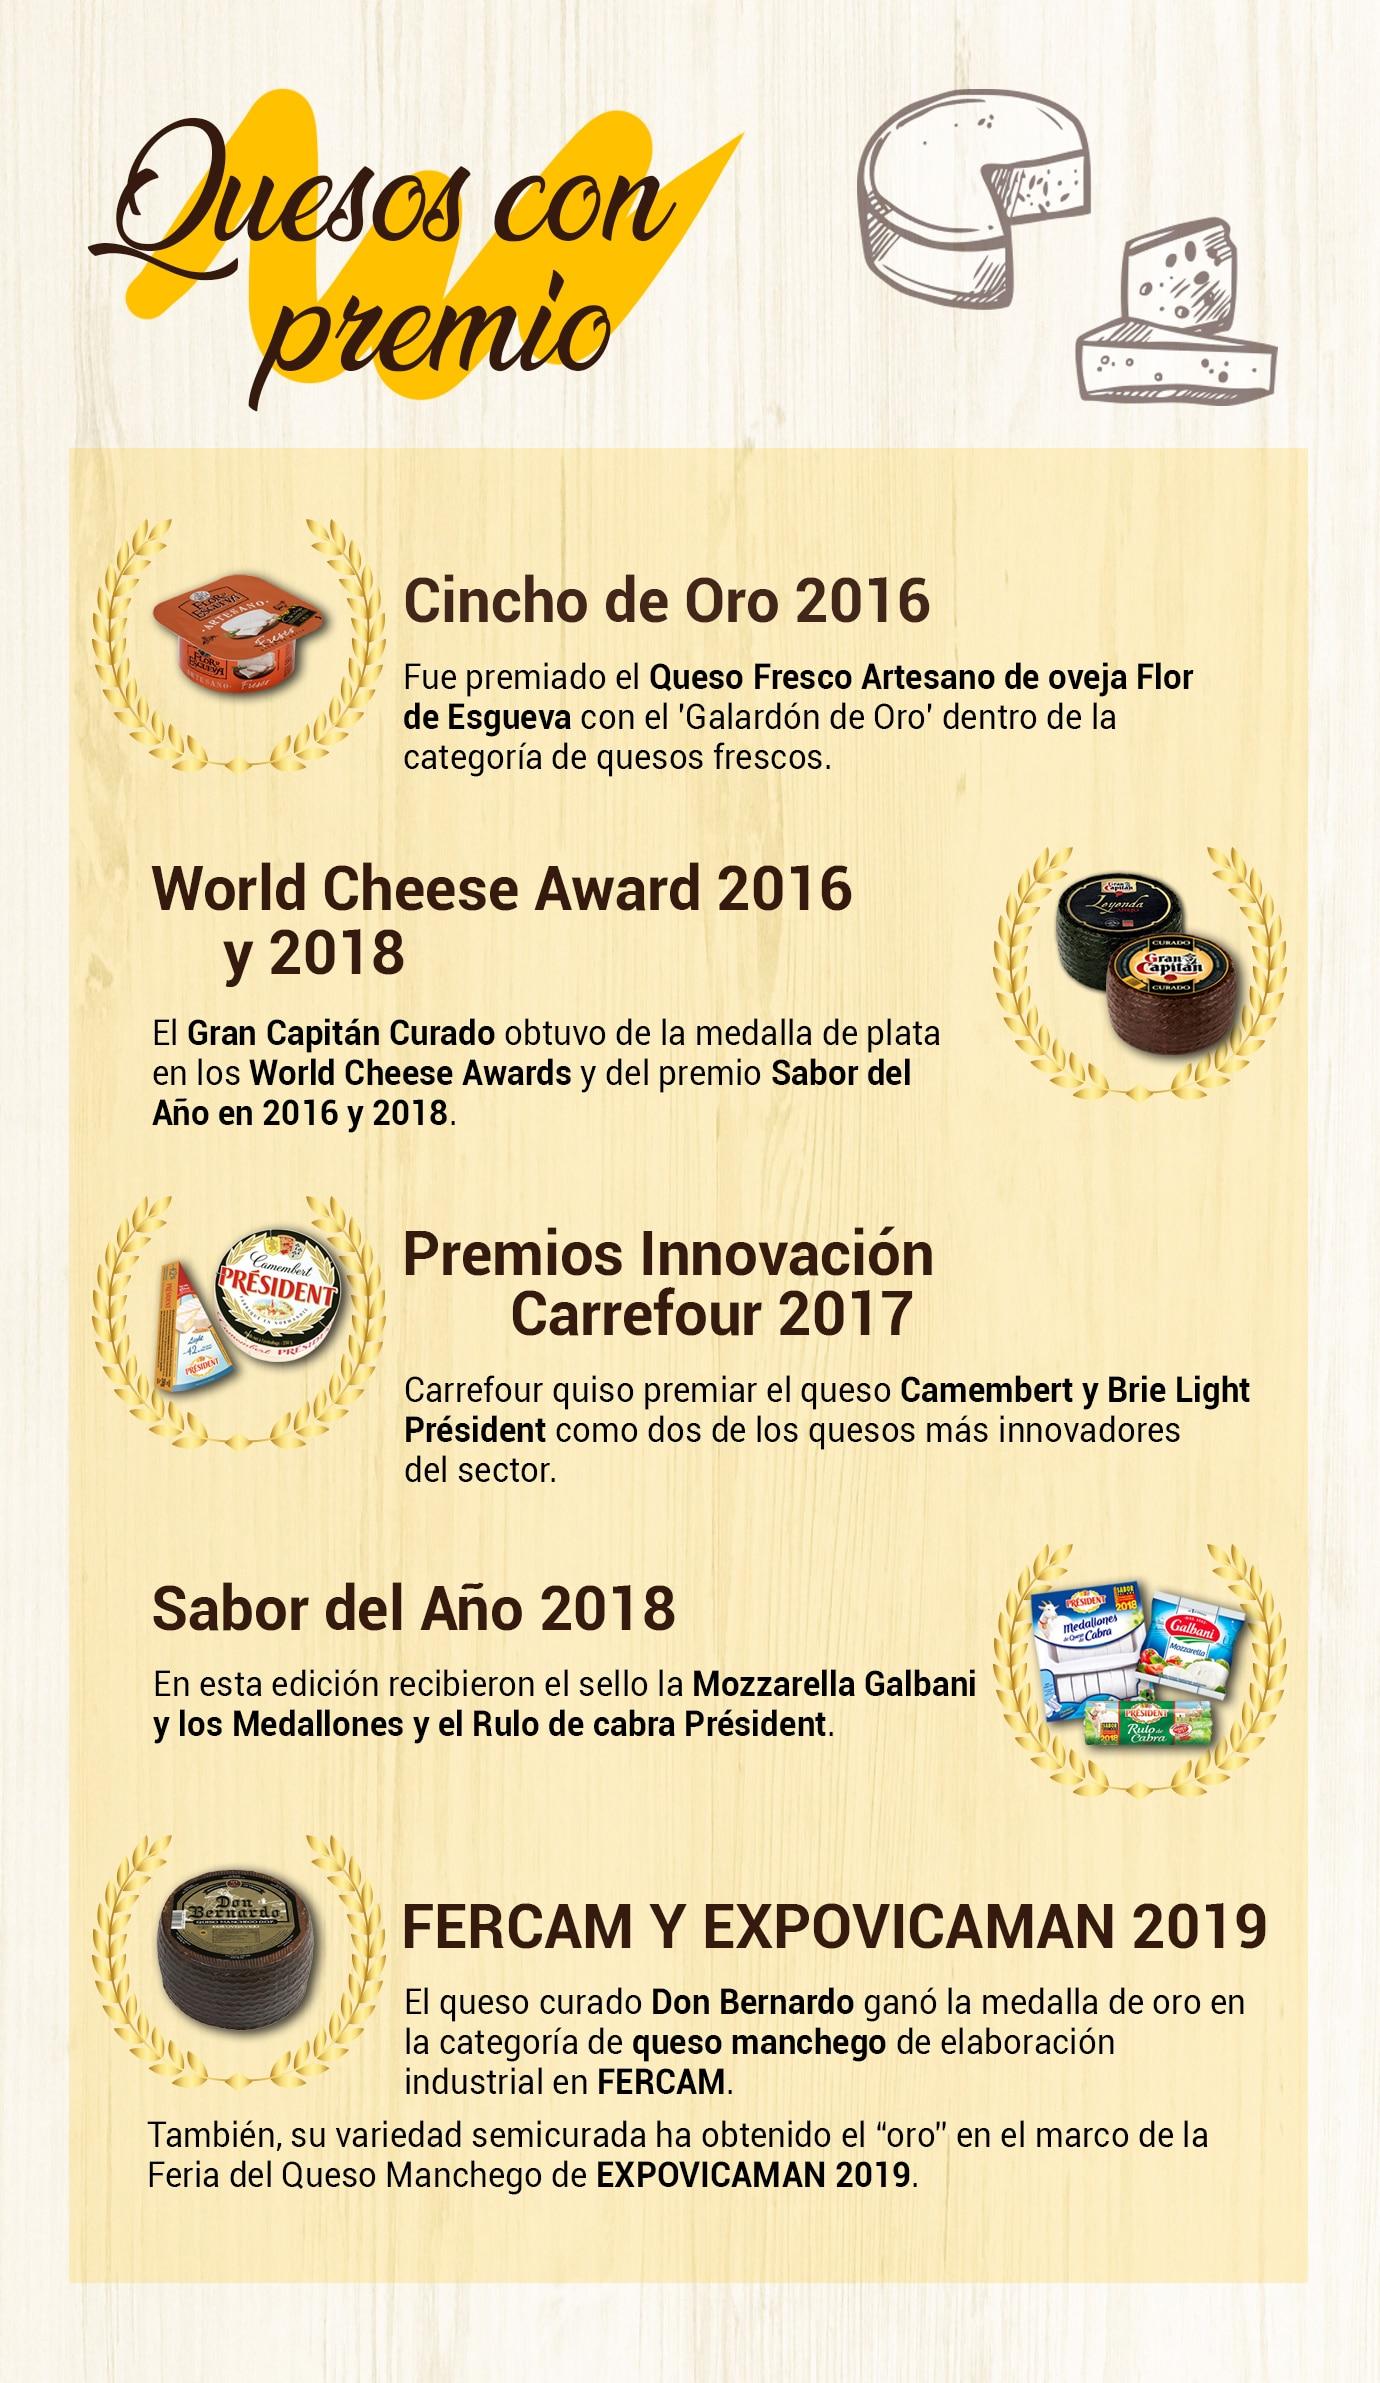 infografía en la que aparecen diferentes marcas de quesos y los premiso que han conseguido